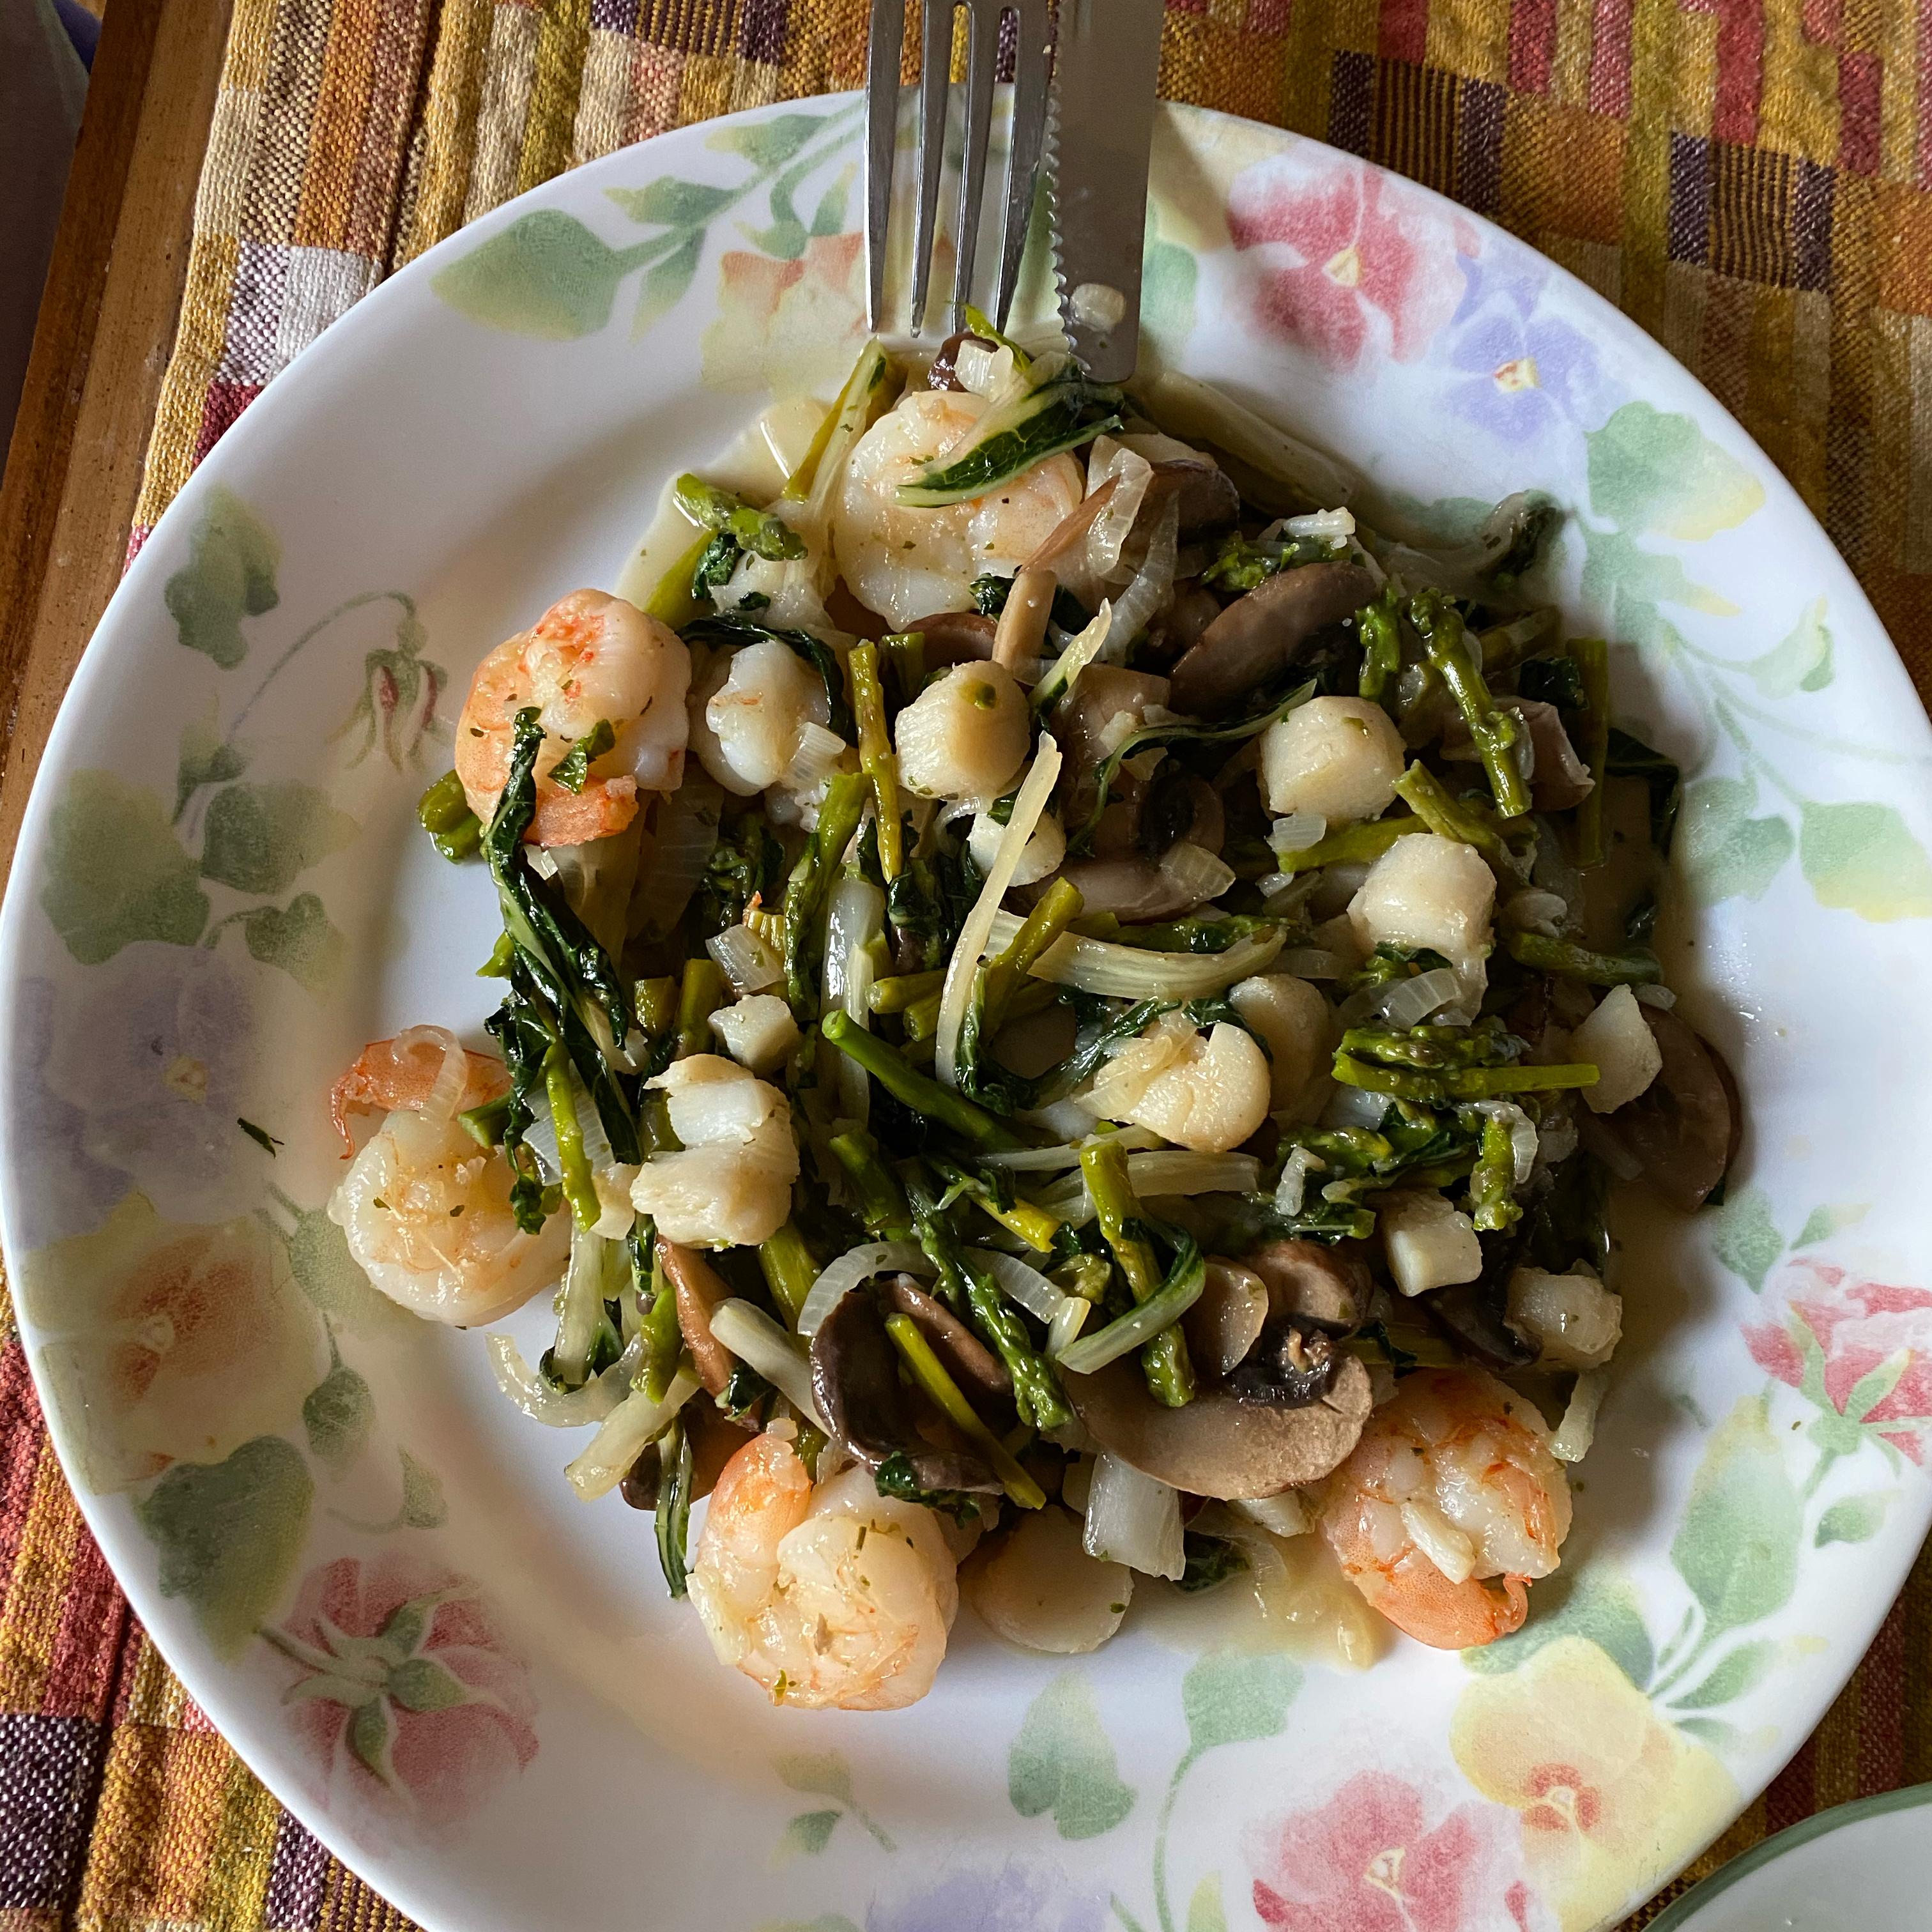 Shrimp and Scallop Stir-Fry Maria Quintana